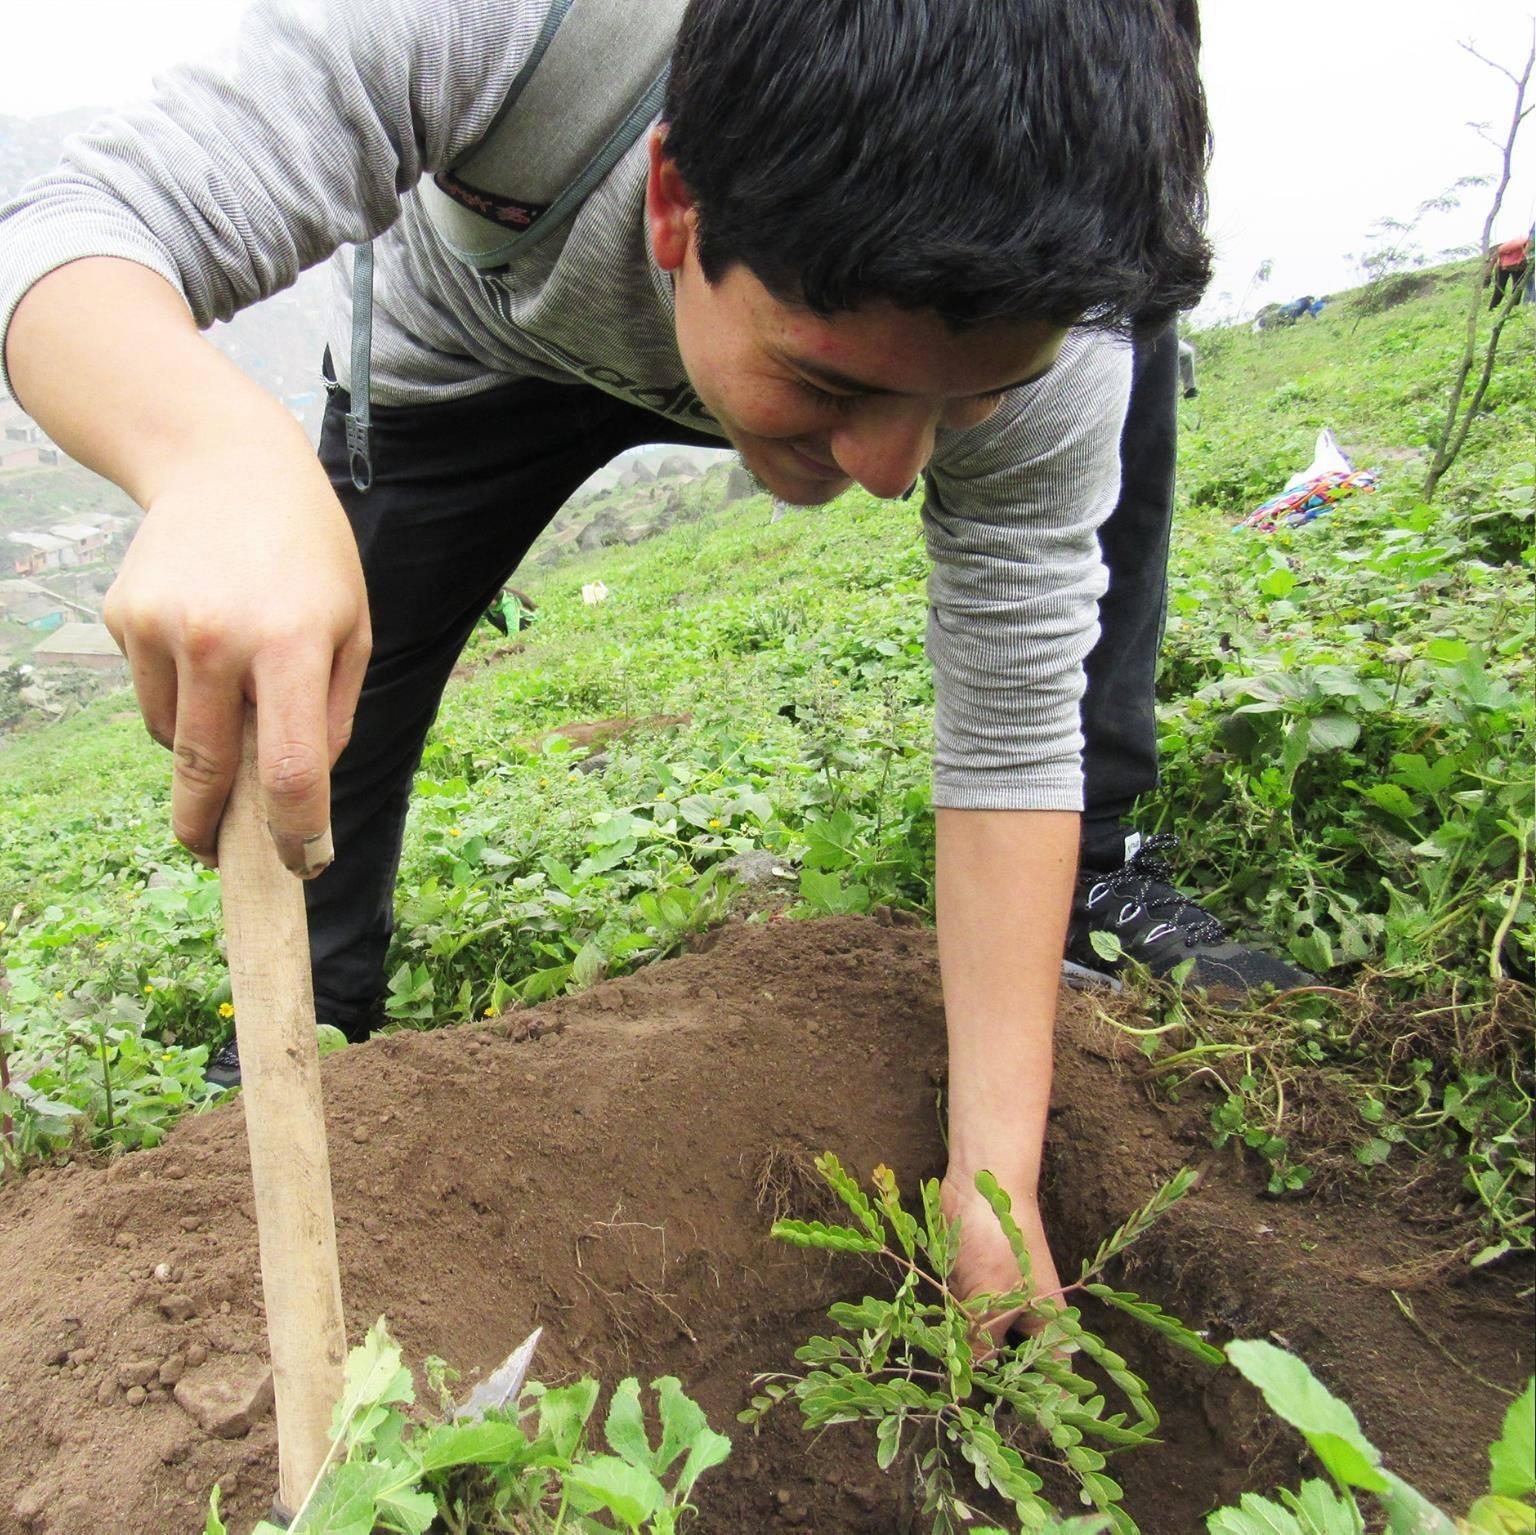 Vista general de hombre plantando ábrol